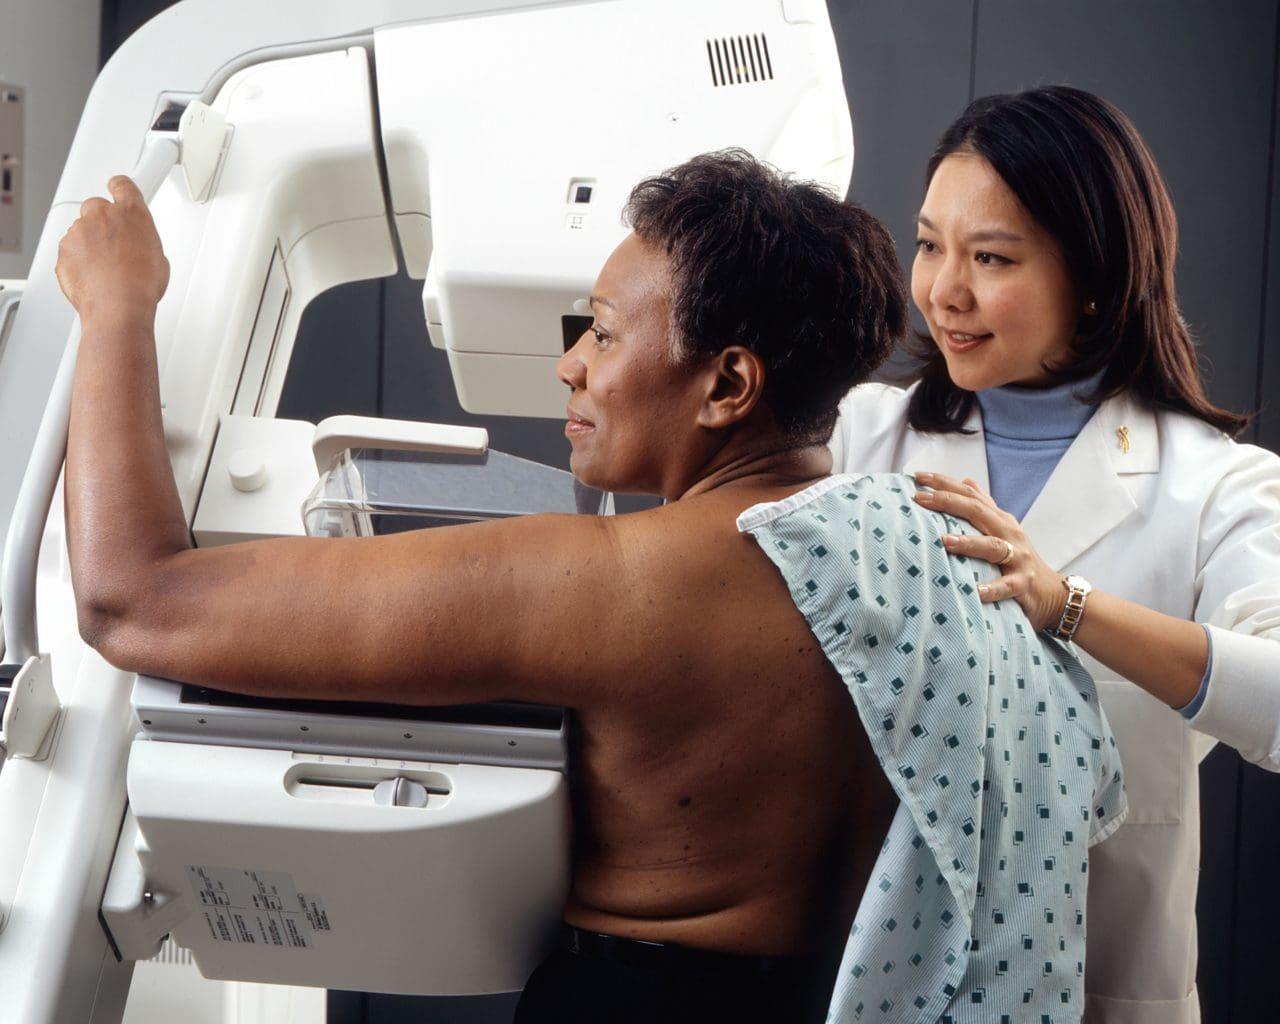 national-cancer-institute-SMxzEaidR20-unsplash-1280x1024.jpg